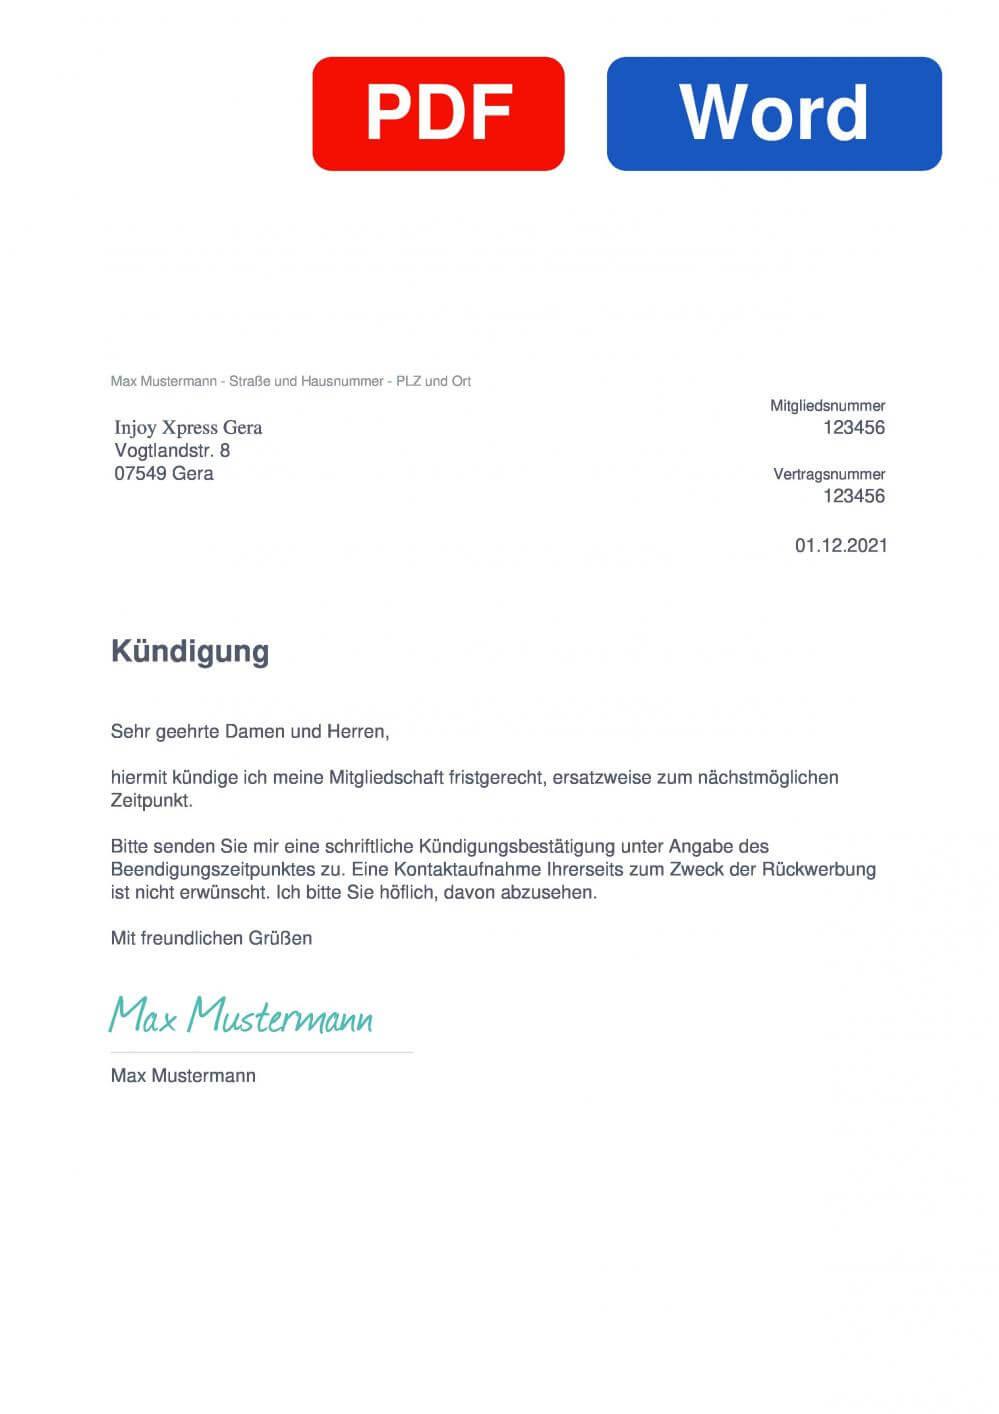 INJOY Xpress Gera Muster Vorlage für Kündigungsschreiben